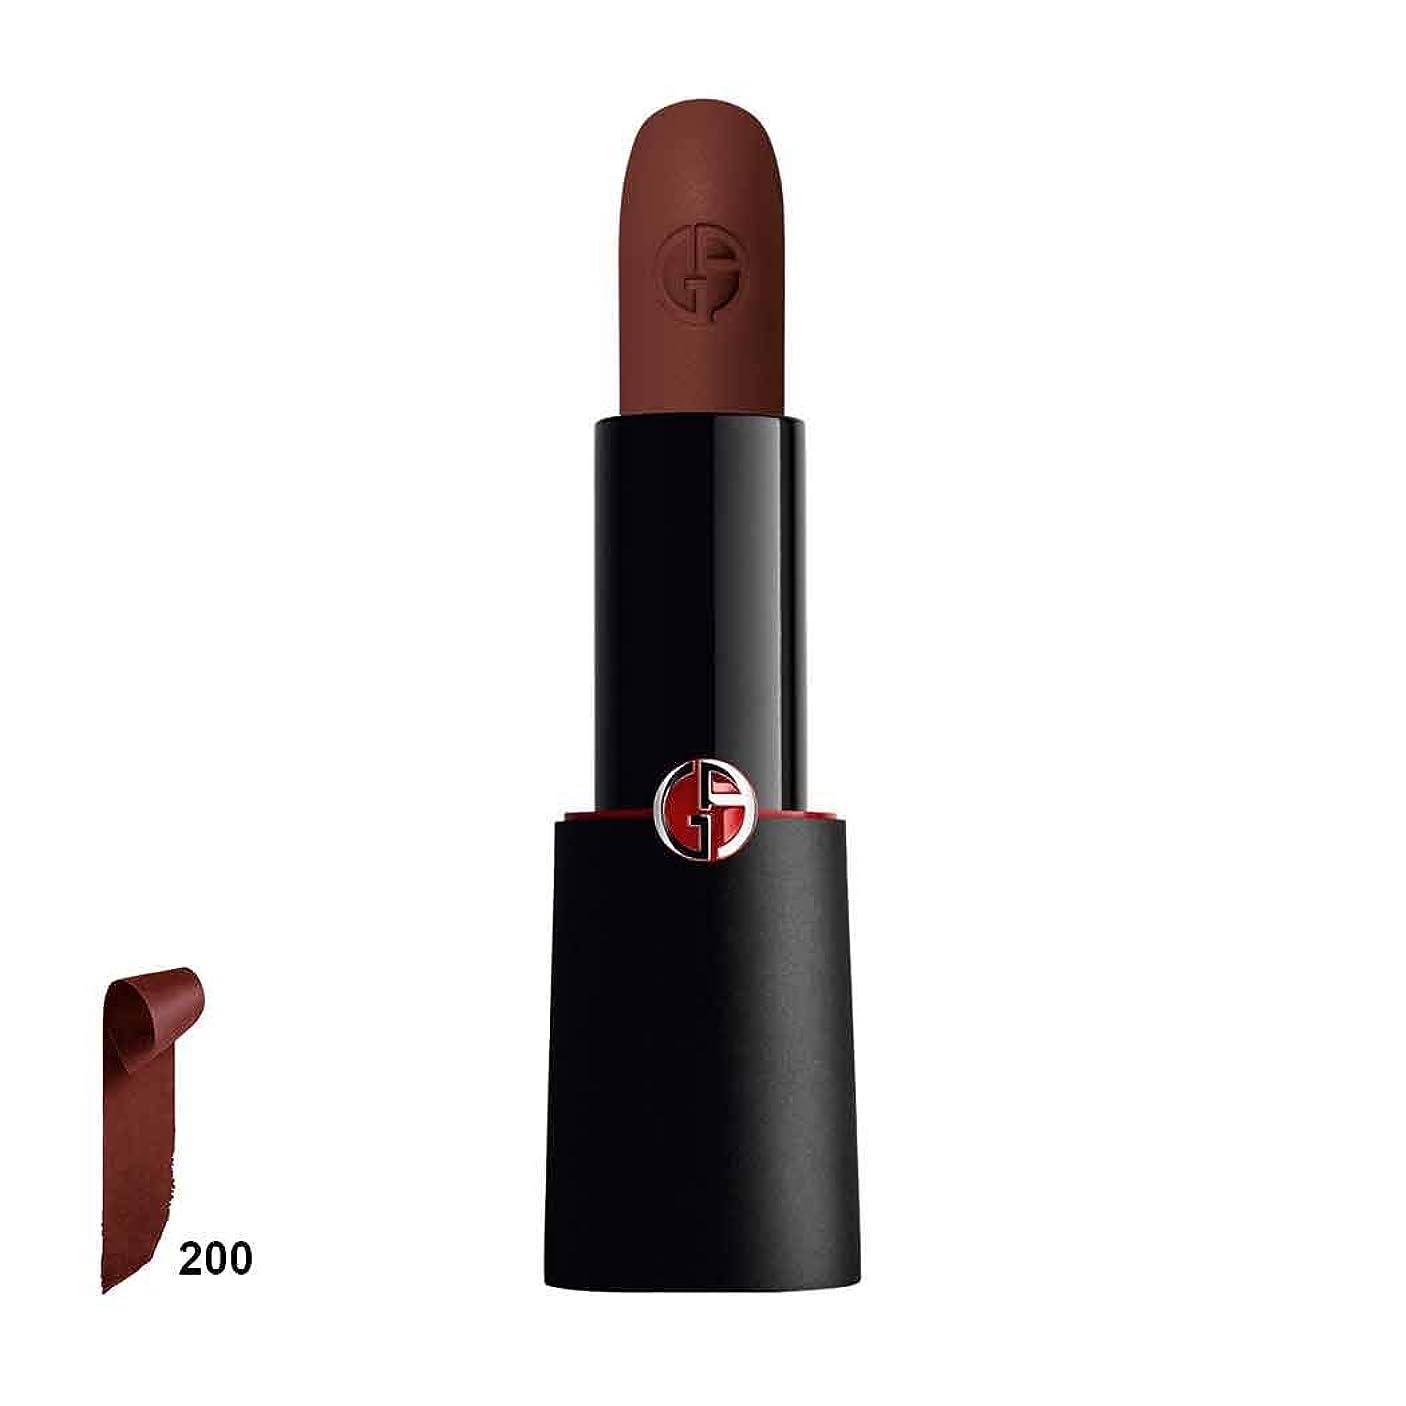 言い直す賄賂持続的ジョルジオアルマーニ Rouge D'Armani Matte Intense Matte & Comfort Lipcolor - # 200 Diva 4g/0.14oz並行輸入品